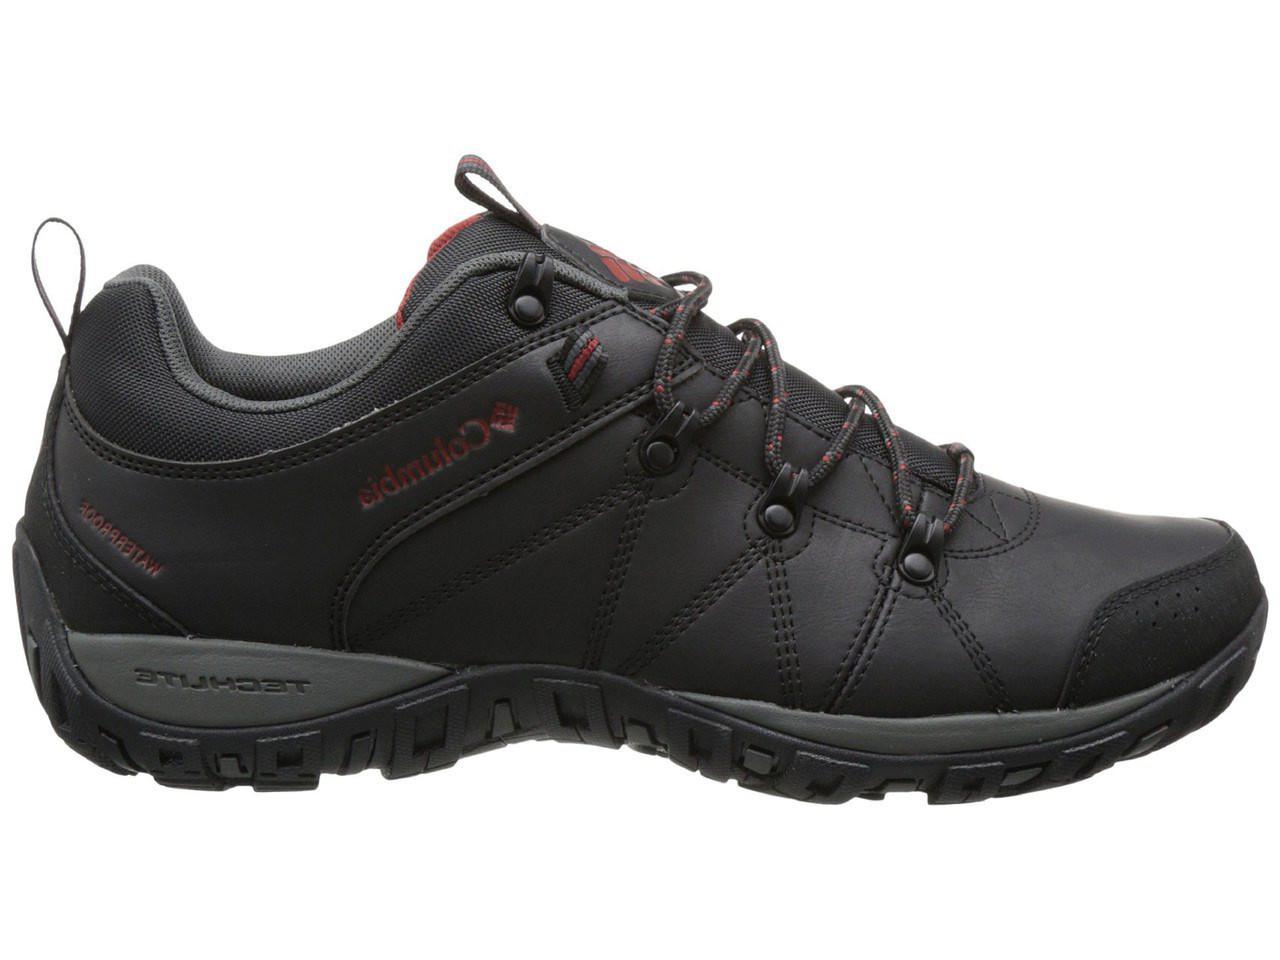 Columbia Mens Peakfreak Venture Waterproof Shoes